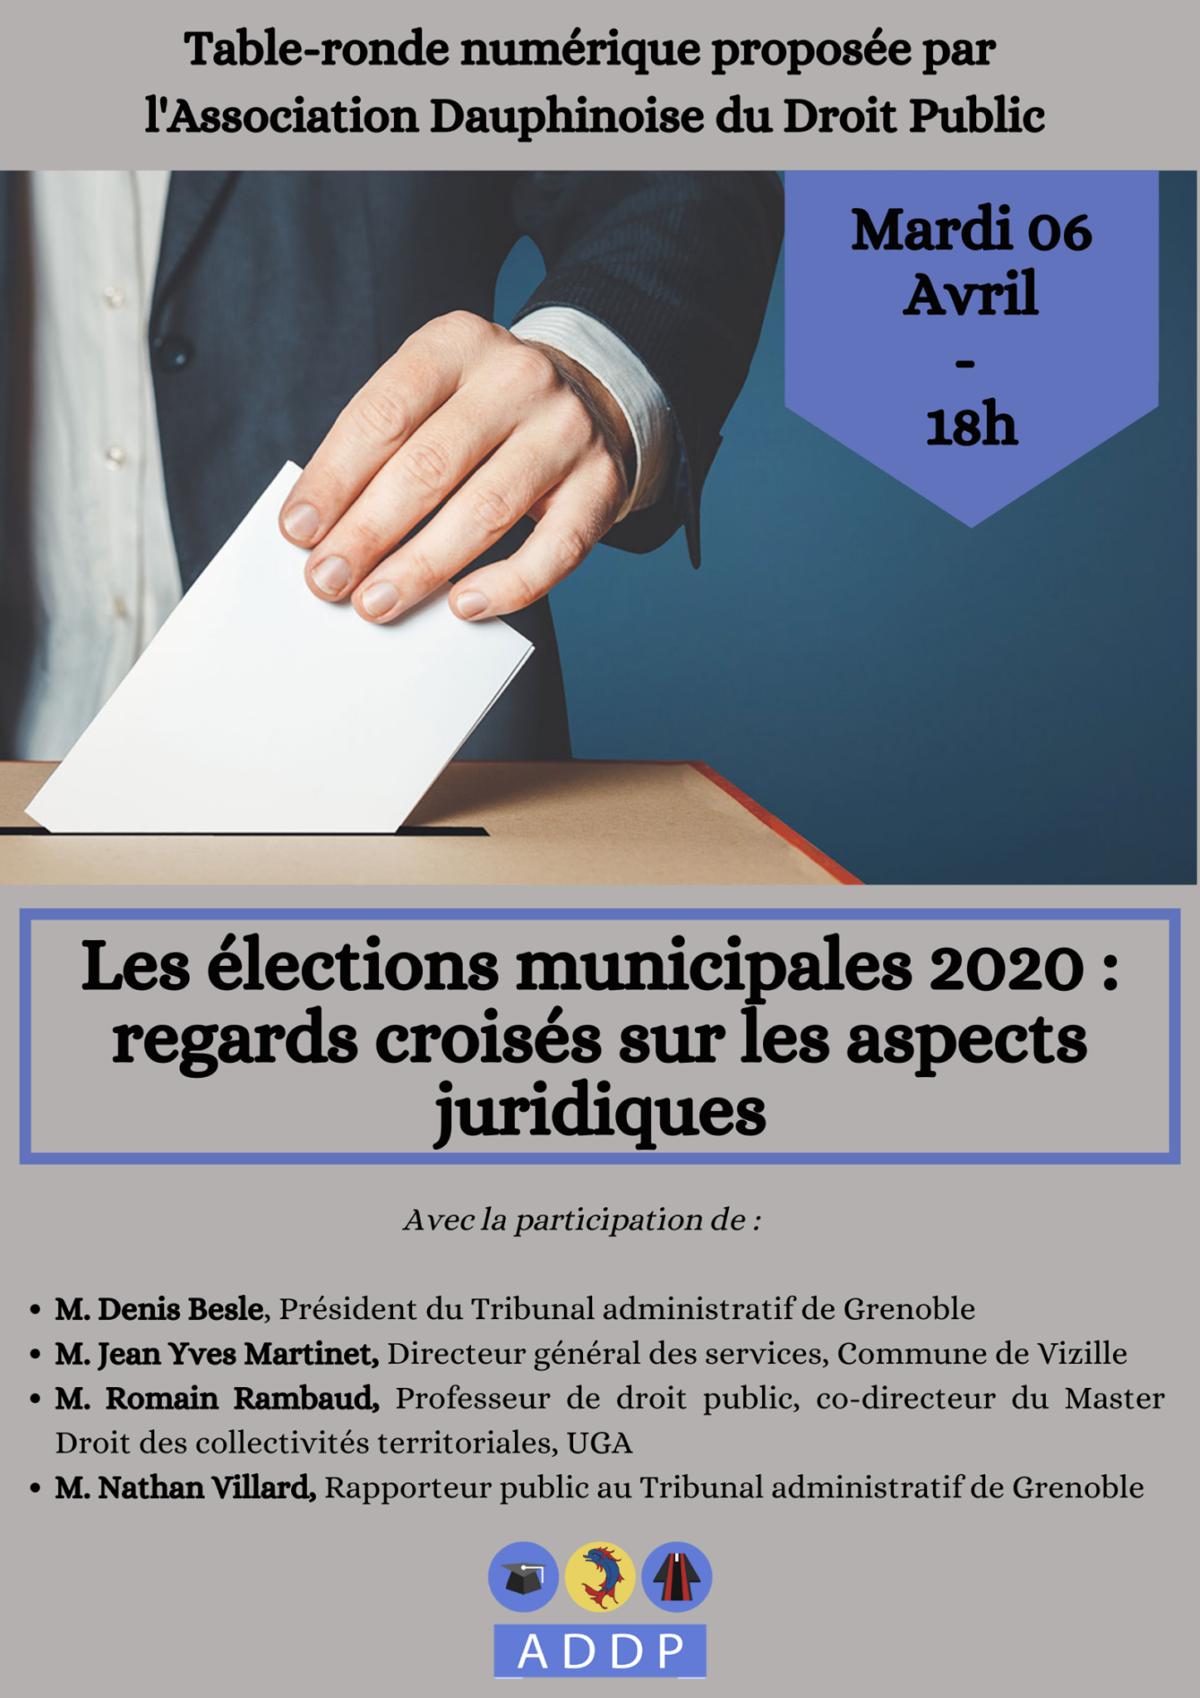 Table-ronde numérique de l'Association Dauphinoise du Droit Public (ADDP) :   «Elections municipales 2020 – Regards croisés sur les aspects juridiques», 6 avril 2021, 18h [en zoom]